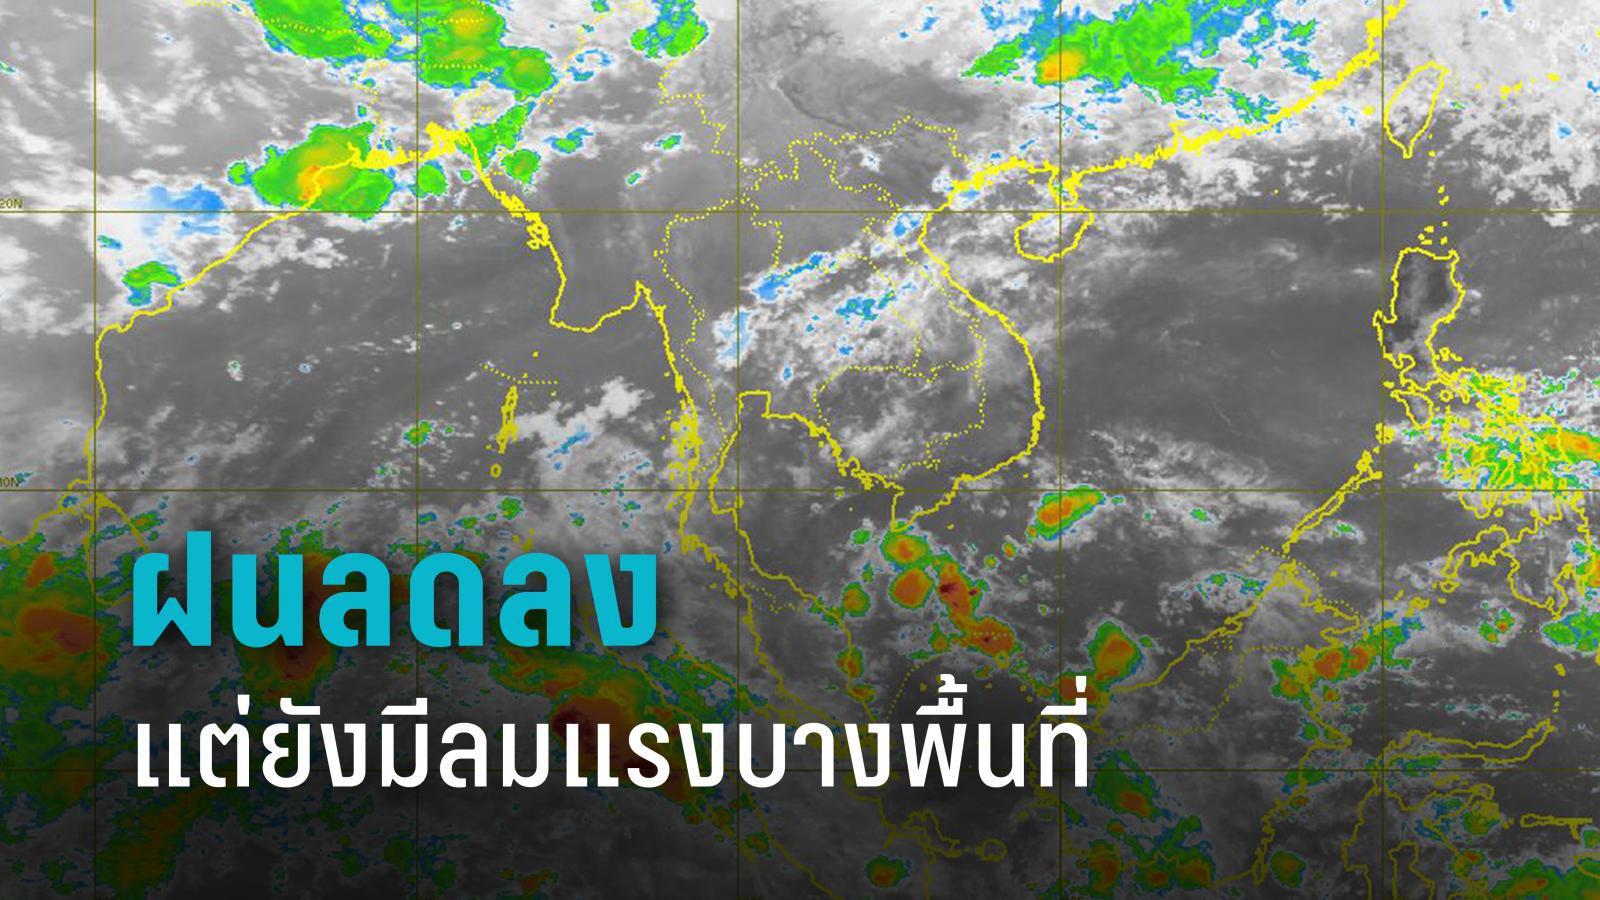 กรมอุตุฯ เผย ไทยฝนตกลดลง แต่มีลมแรงบางพื้นที่ กทม.ฟ้าคะนอง 30%